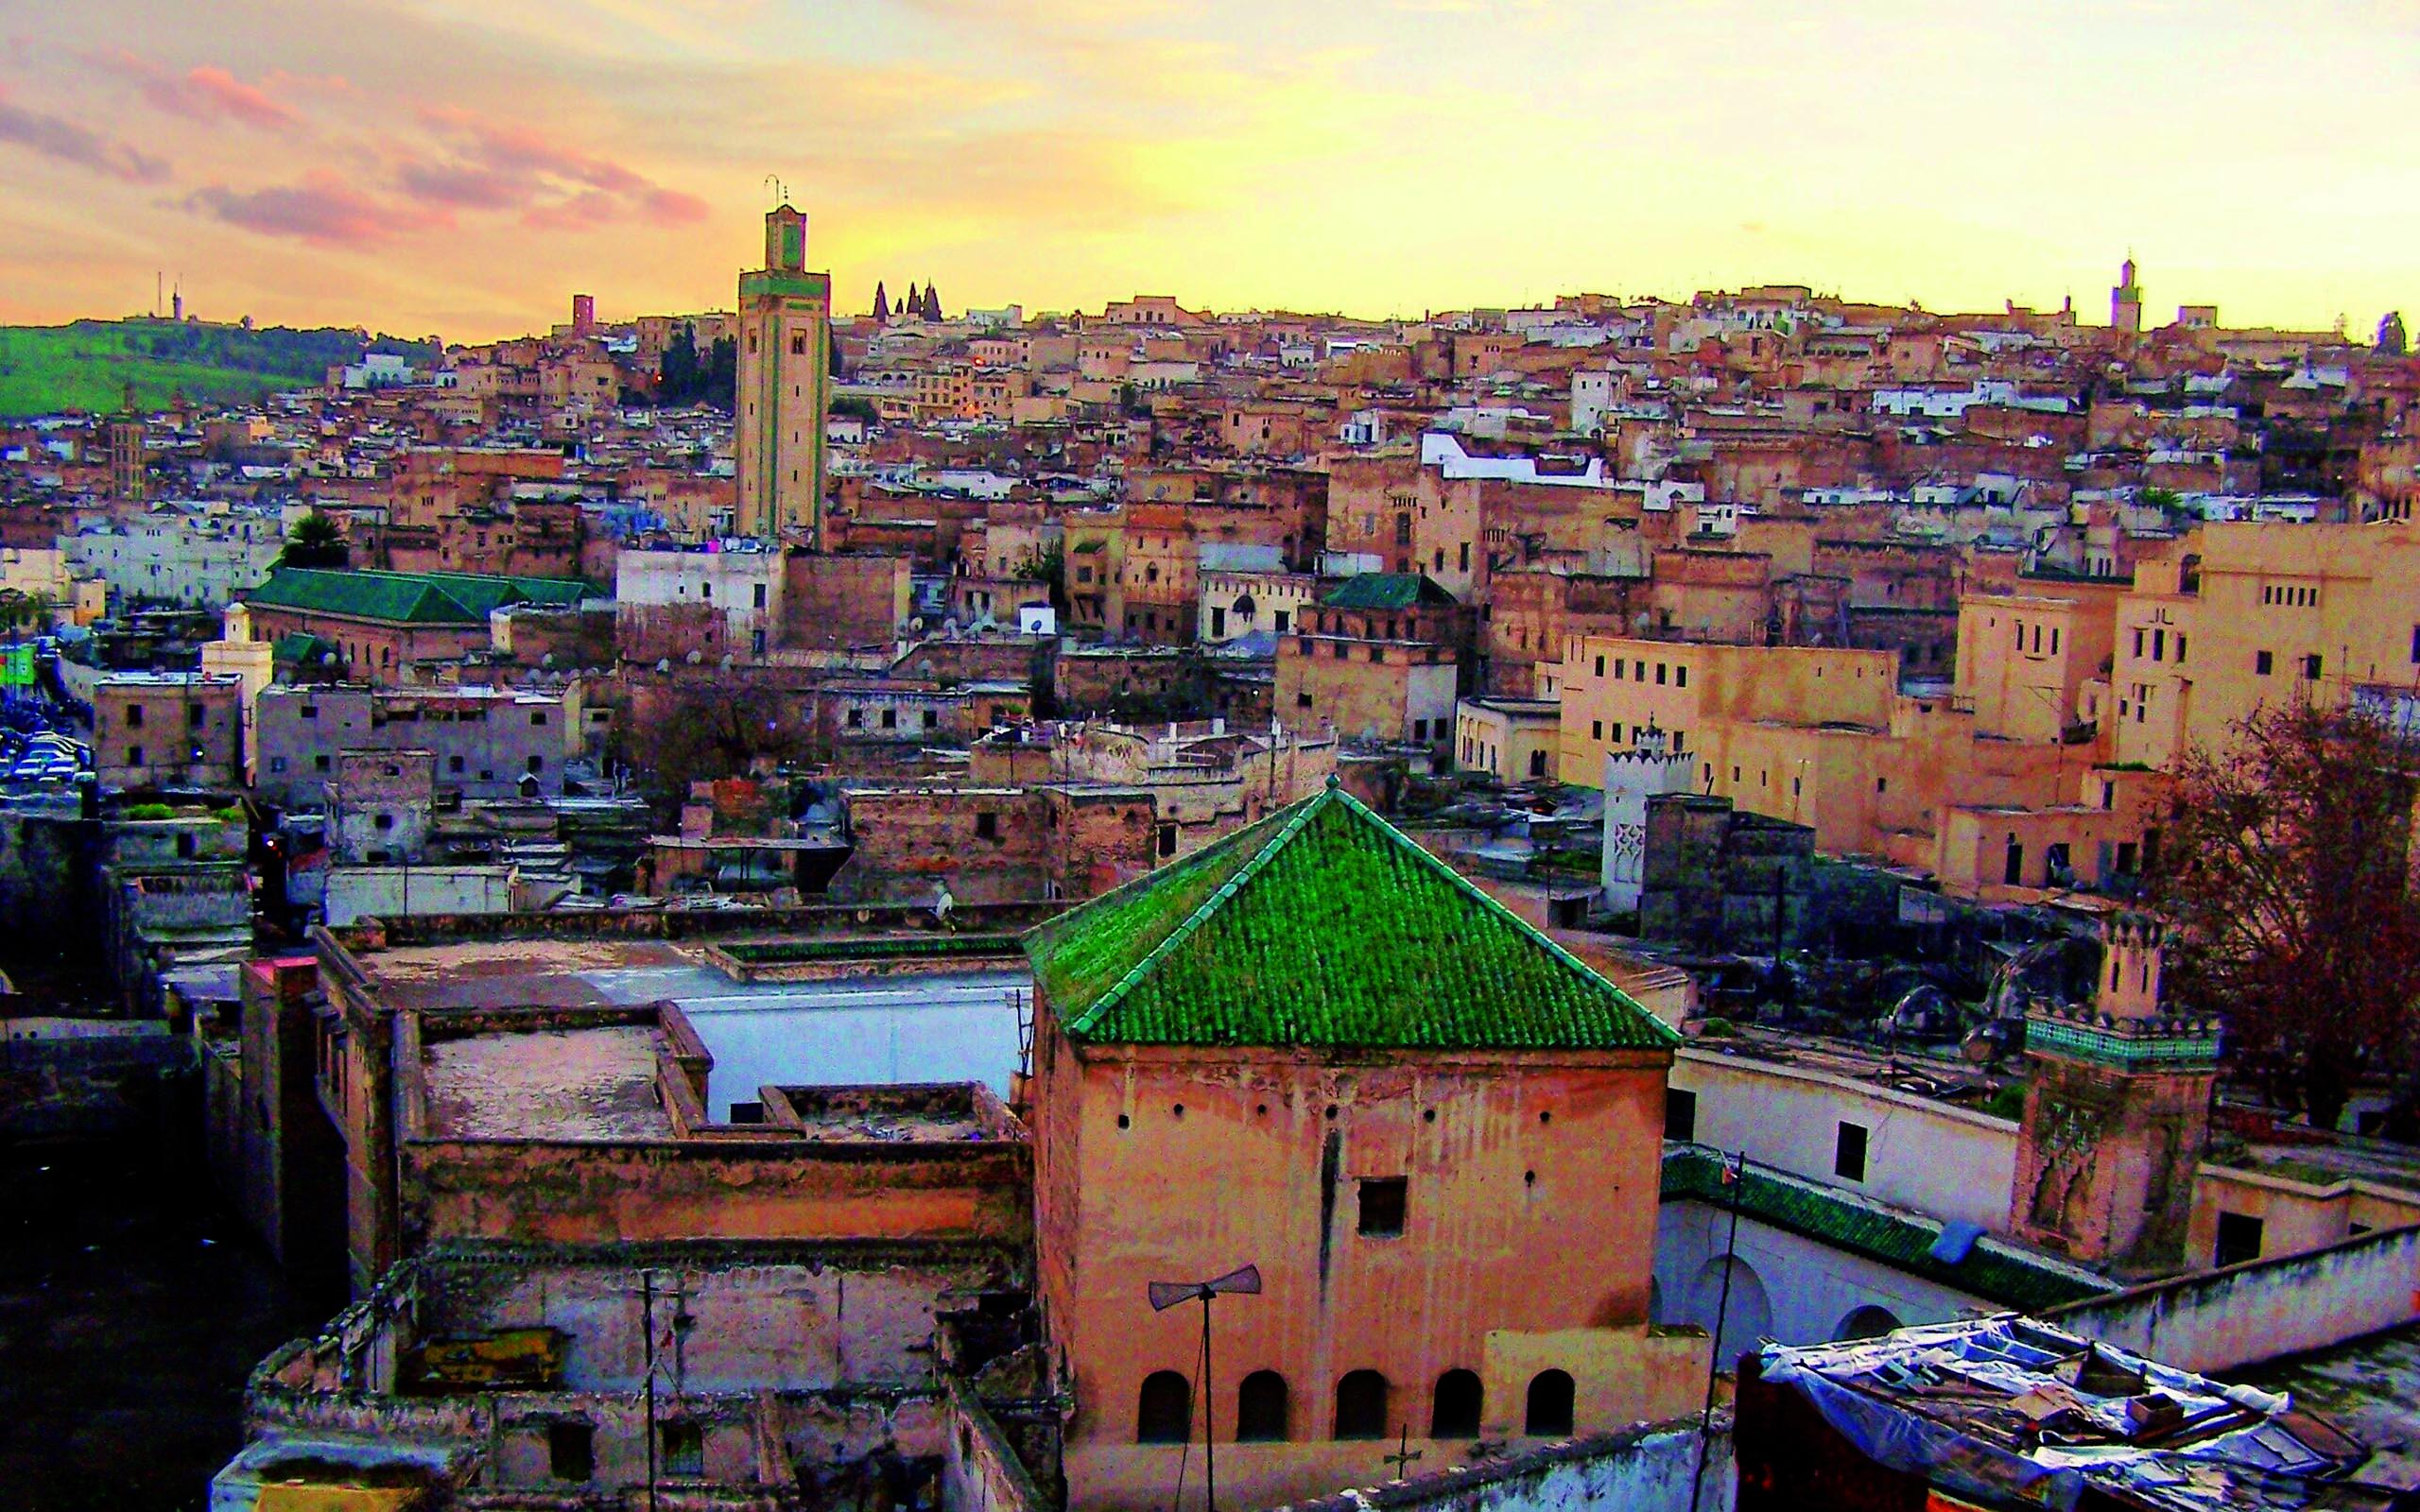 مدينه مراكش 10 صور مدينه مراكش Marrakesh